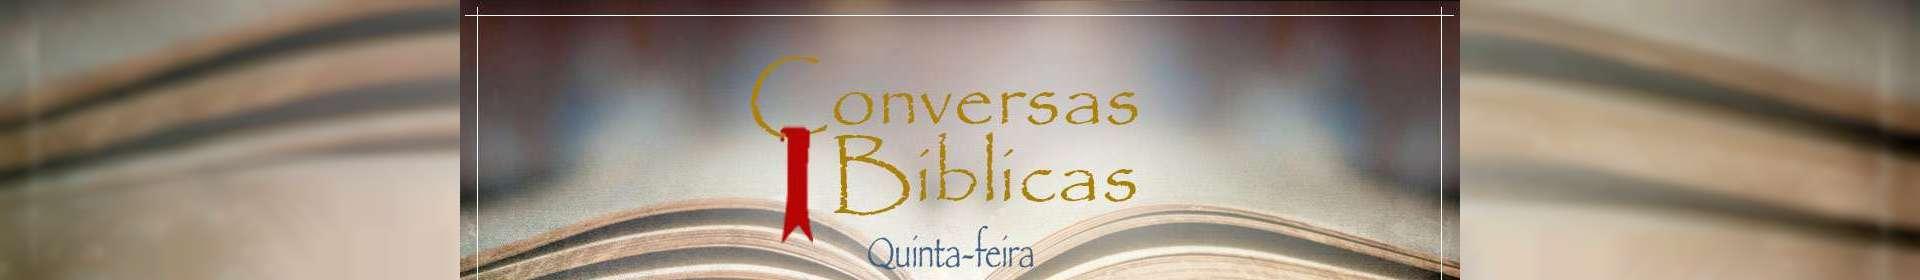 Conversas Bíblicas: Consulta à Palavra - Parte 2